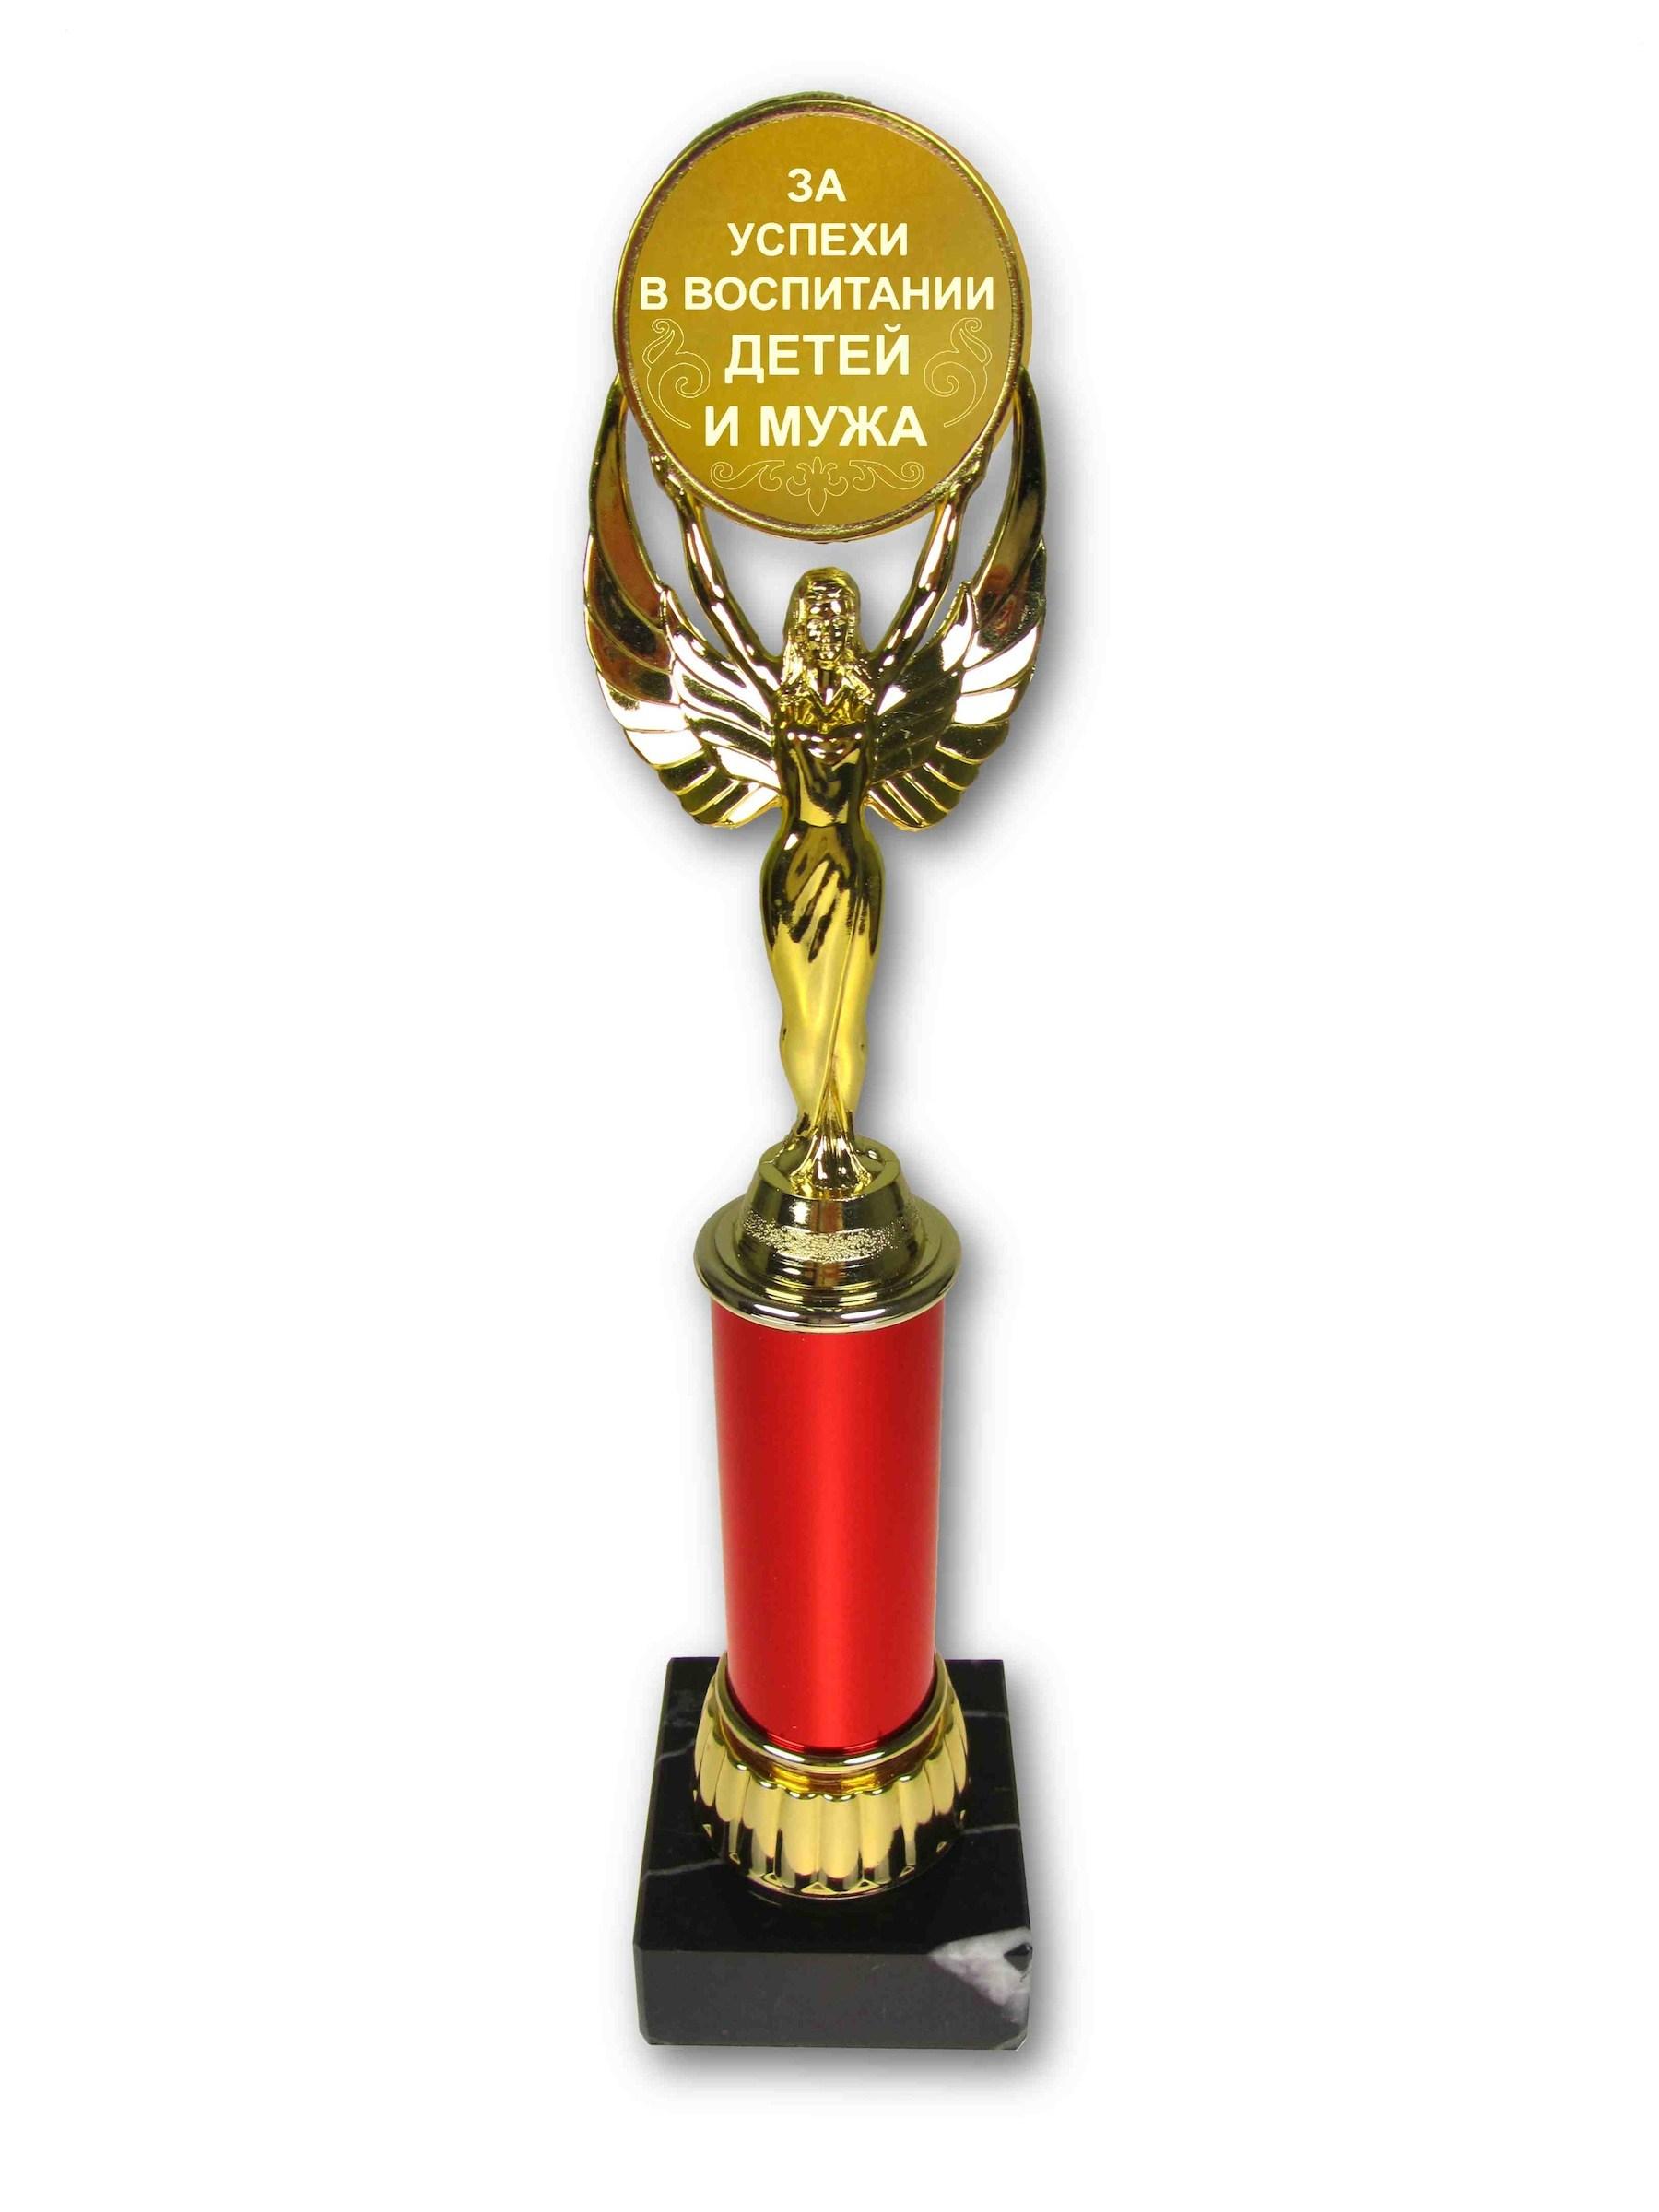 Наградная статуэтка За успехи в воспитании детей и мужа